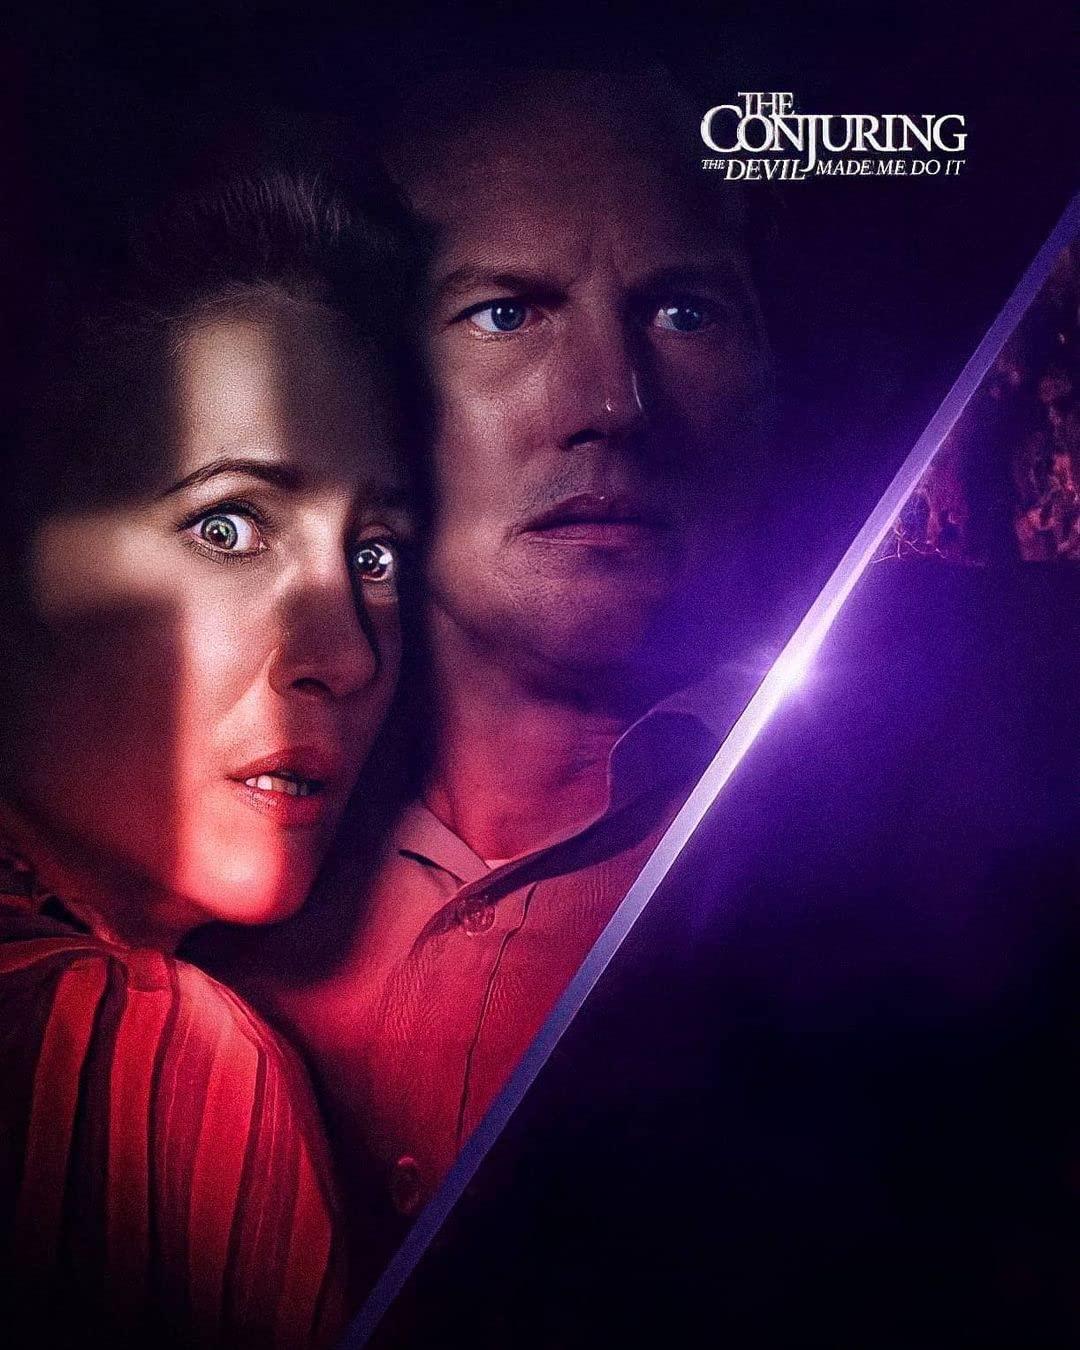 The Conjuring (2021) คนเรียกผี 3 มัจจุราชบงการ